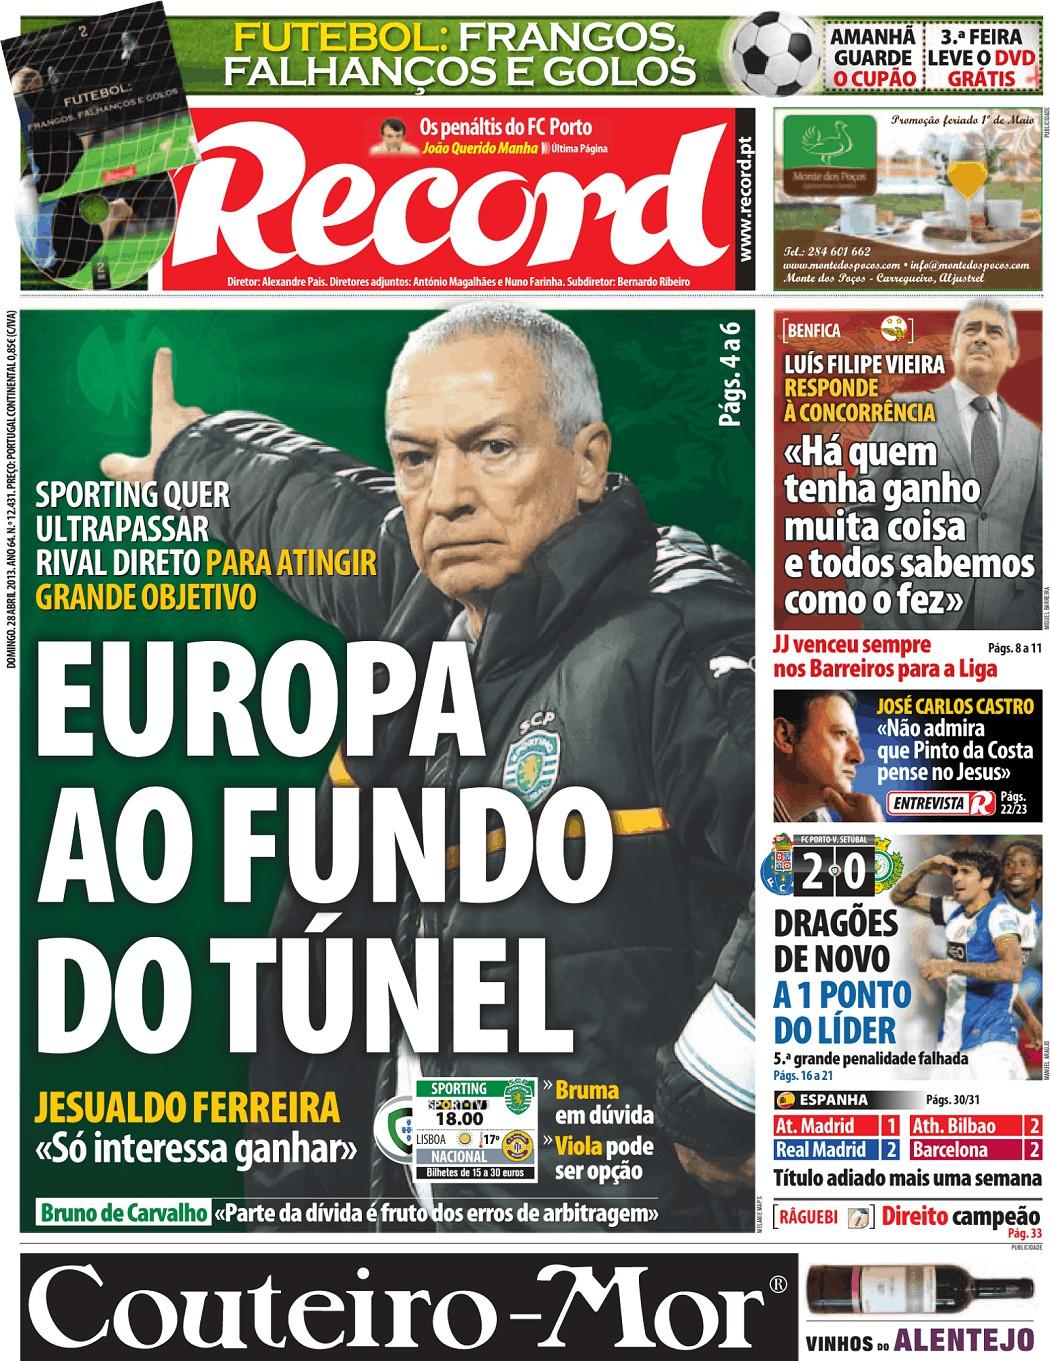 Record (28 abr 2013) - Jornais e Revistas - SAPO Notícias 68fc57ddfb990